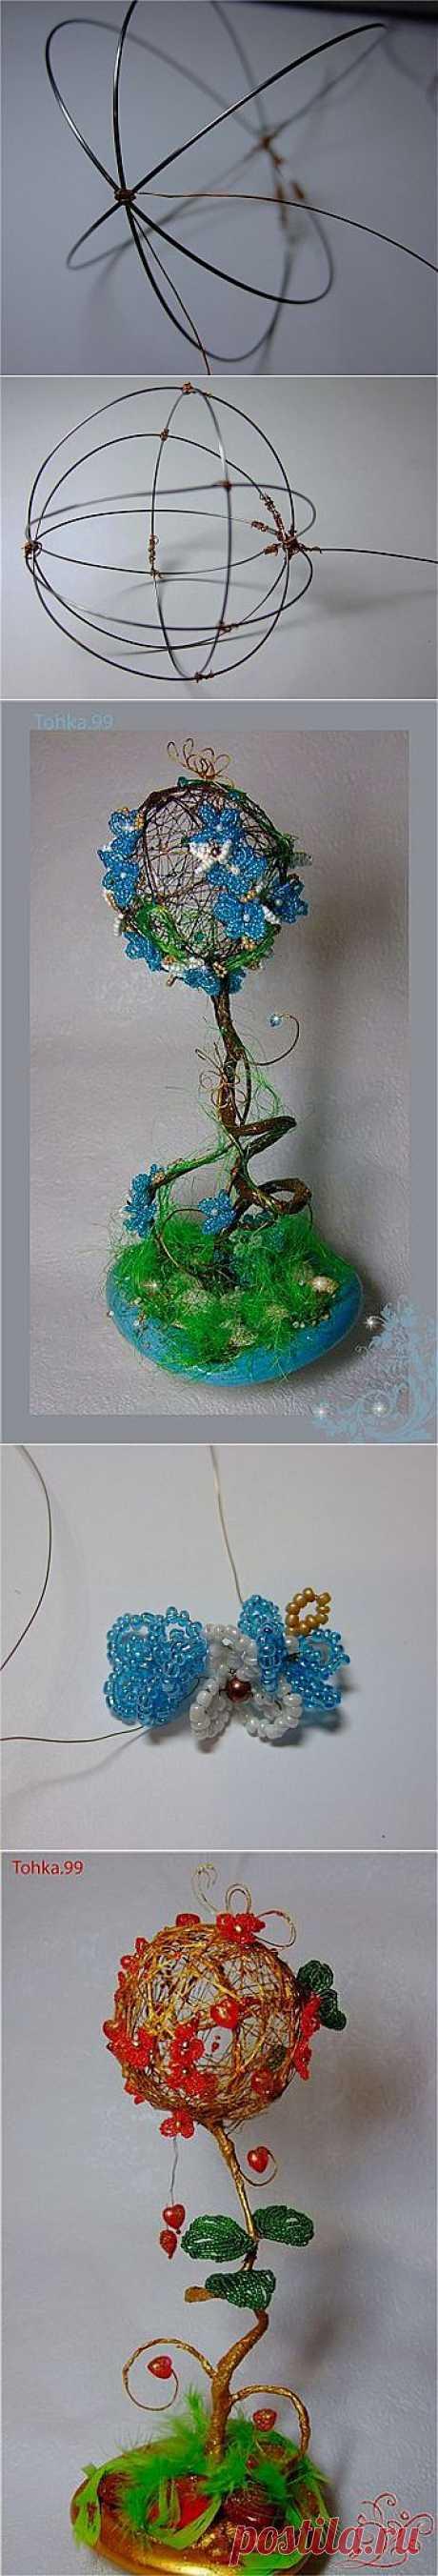 Деревце - топиарий с бисерными цветами. Сделать такую красоту можно по мастер-классу https://strady.org.ua/post155763761/#